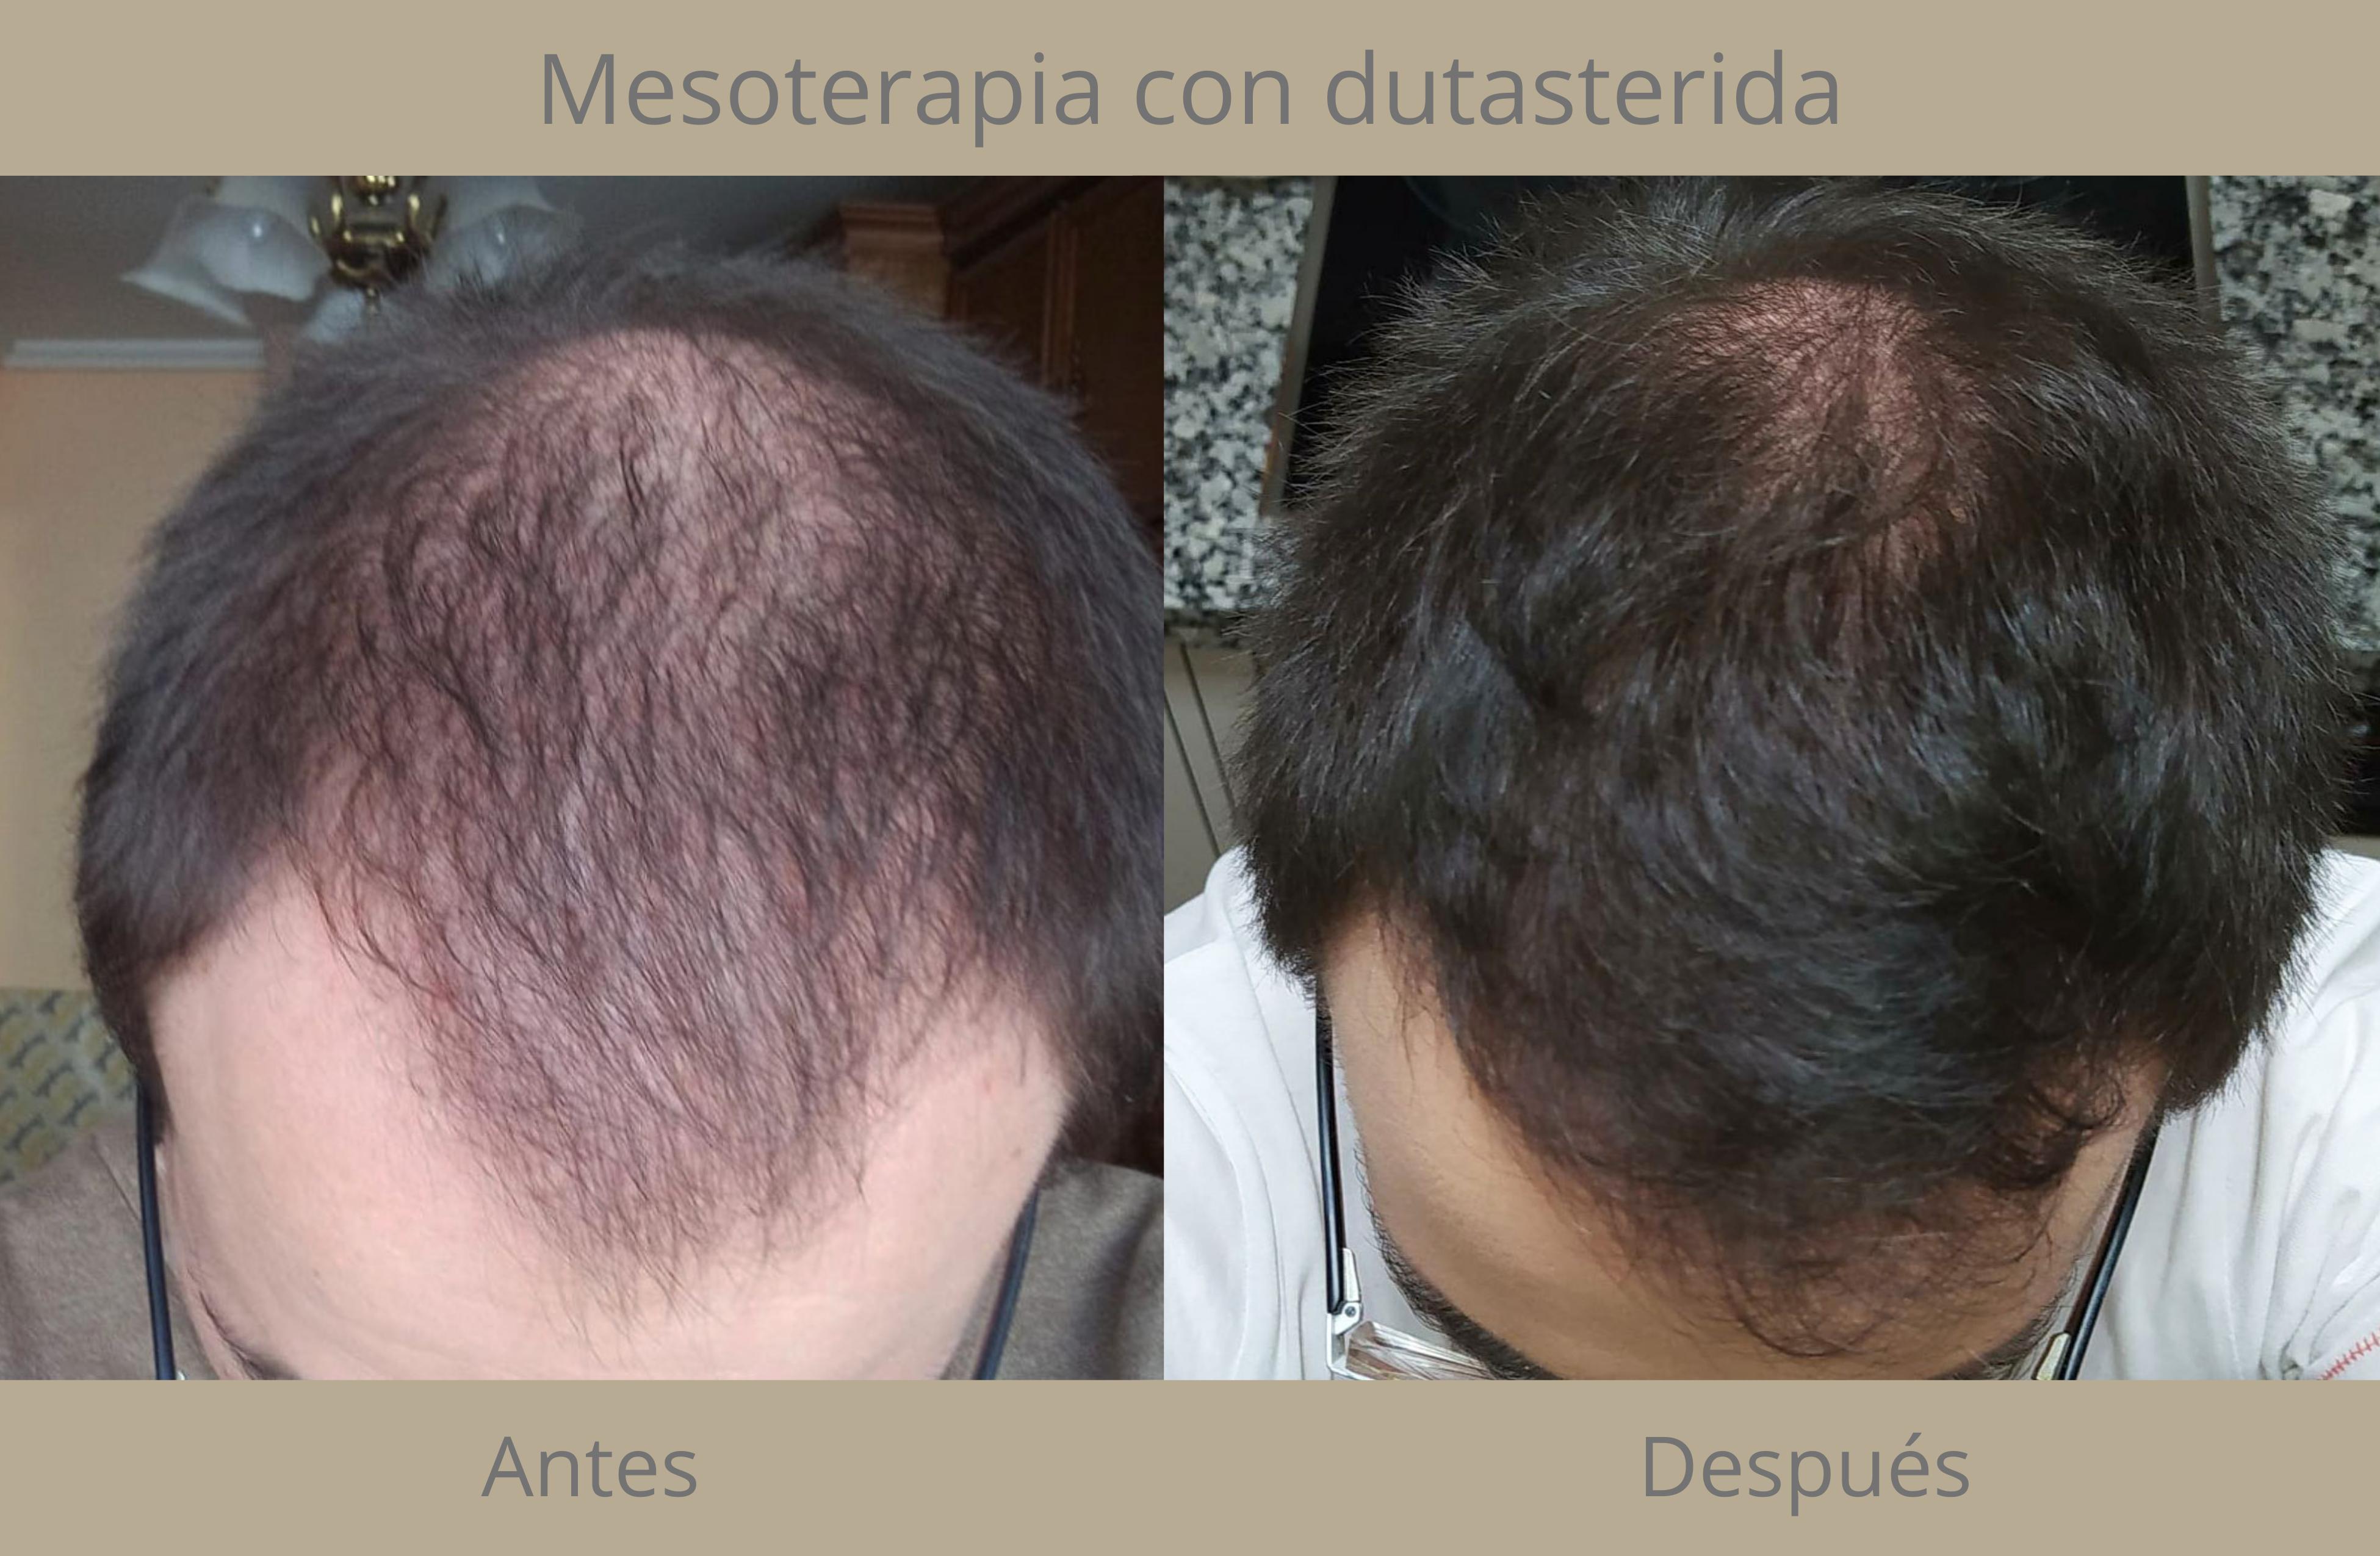 Mesoterapia con Dutasterida